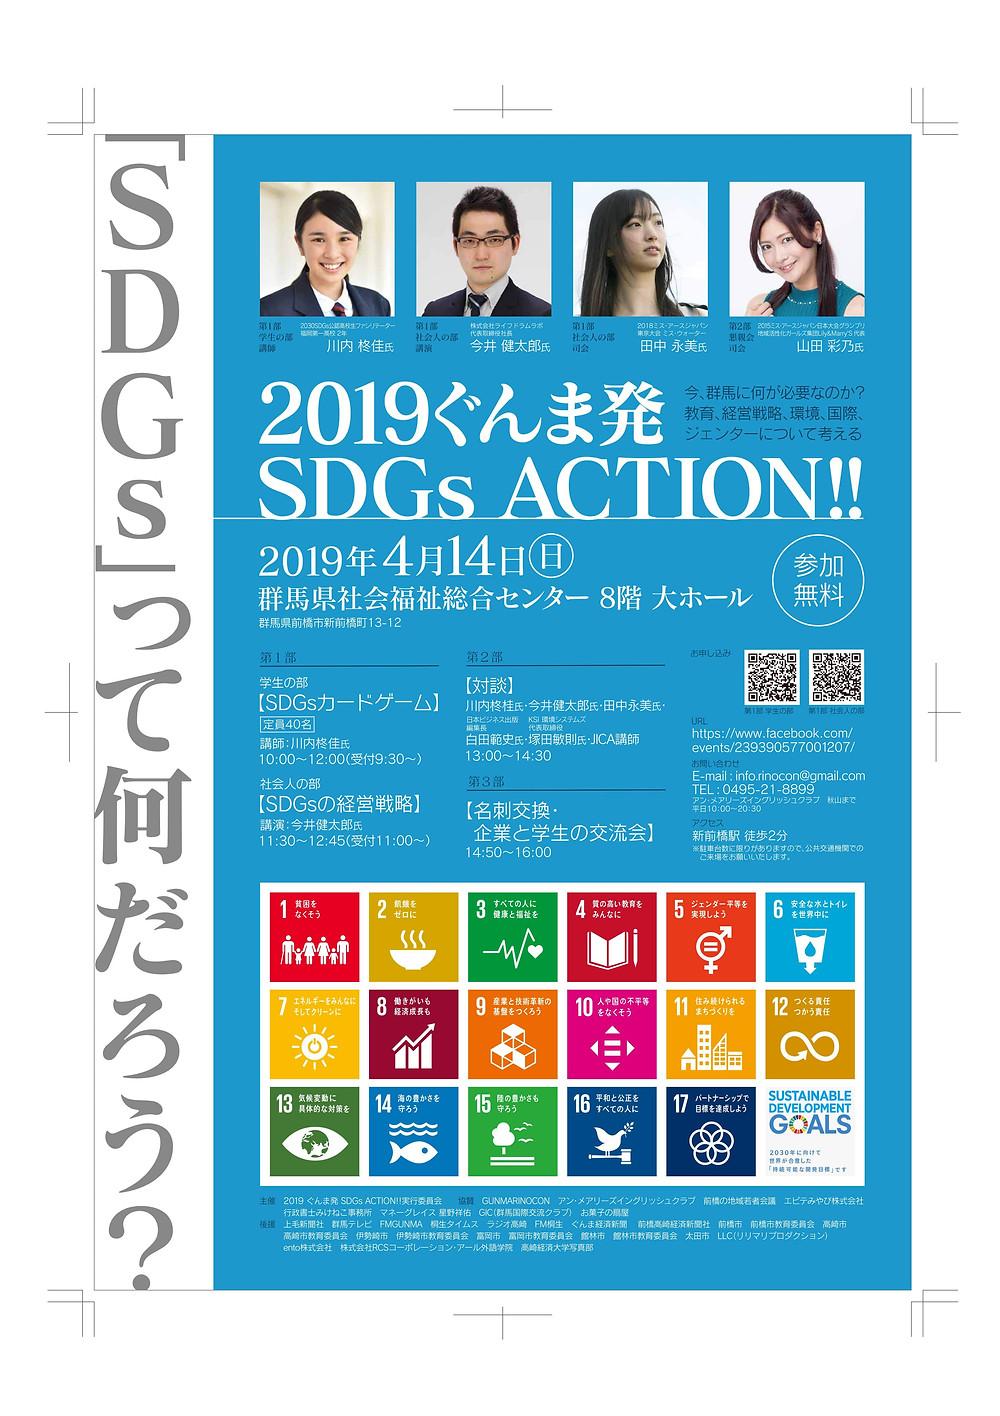 群馬 SDGs 今井健太郎